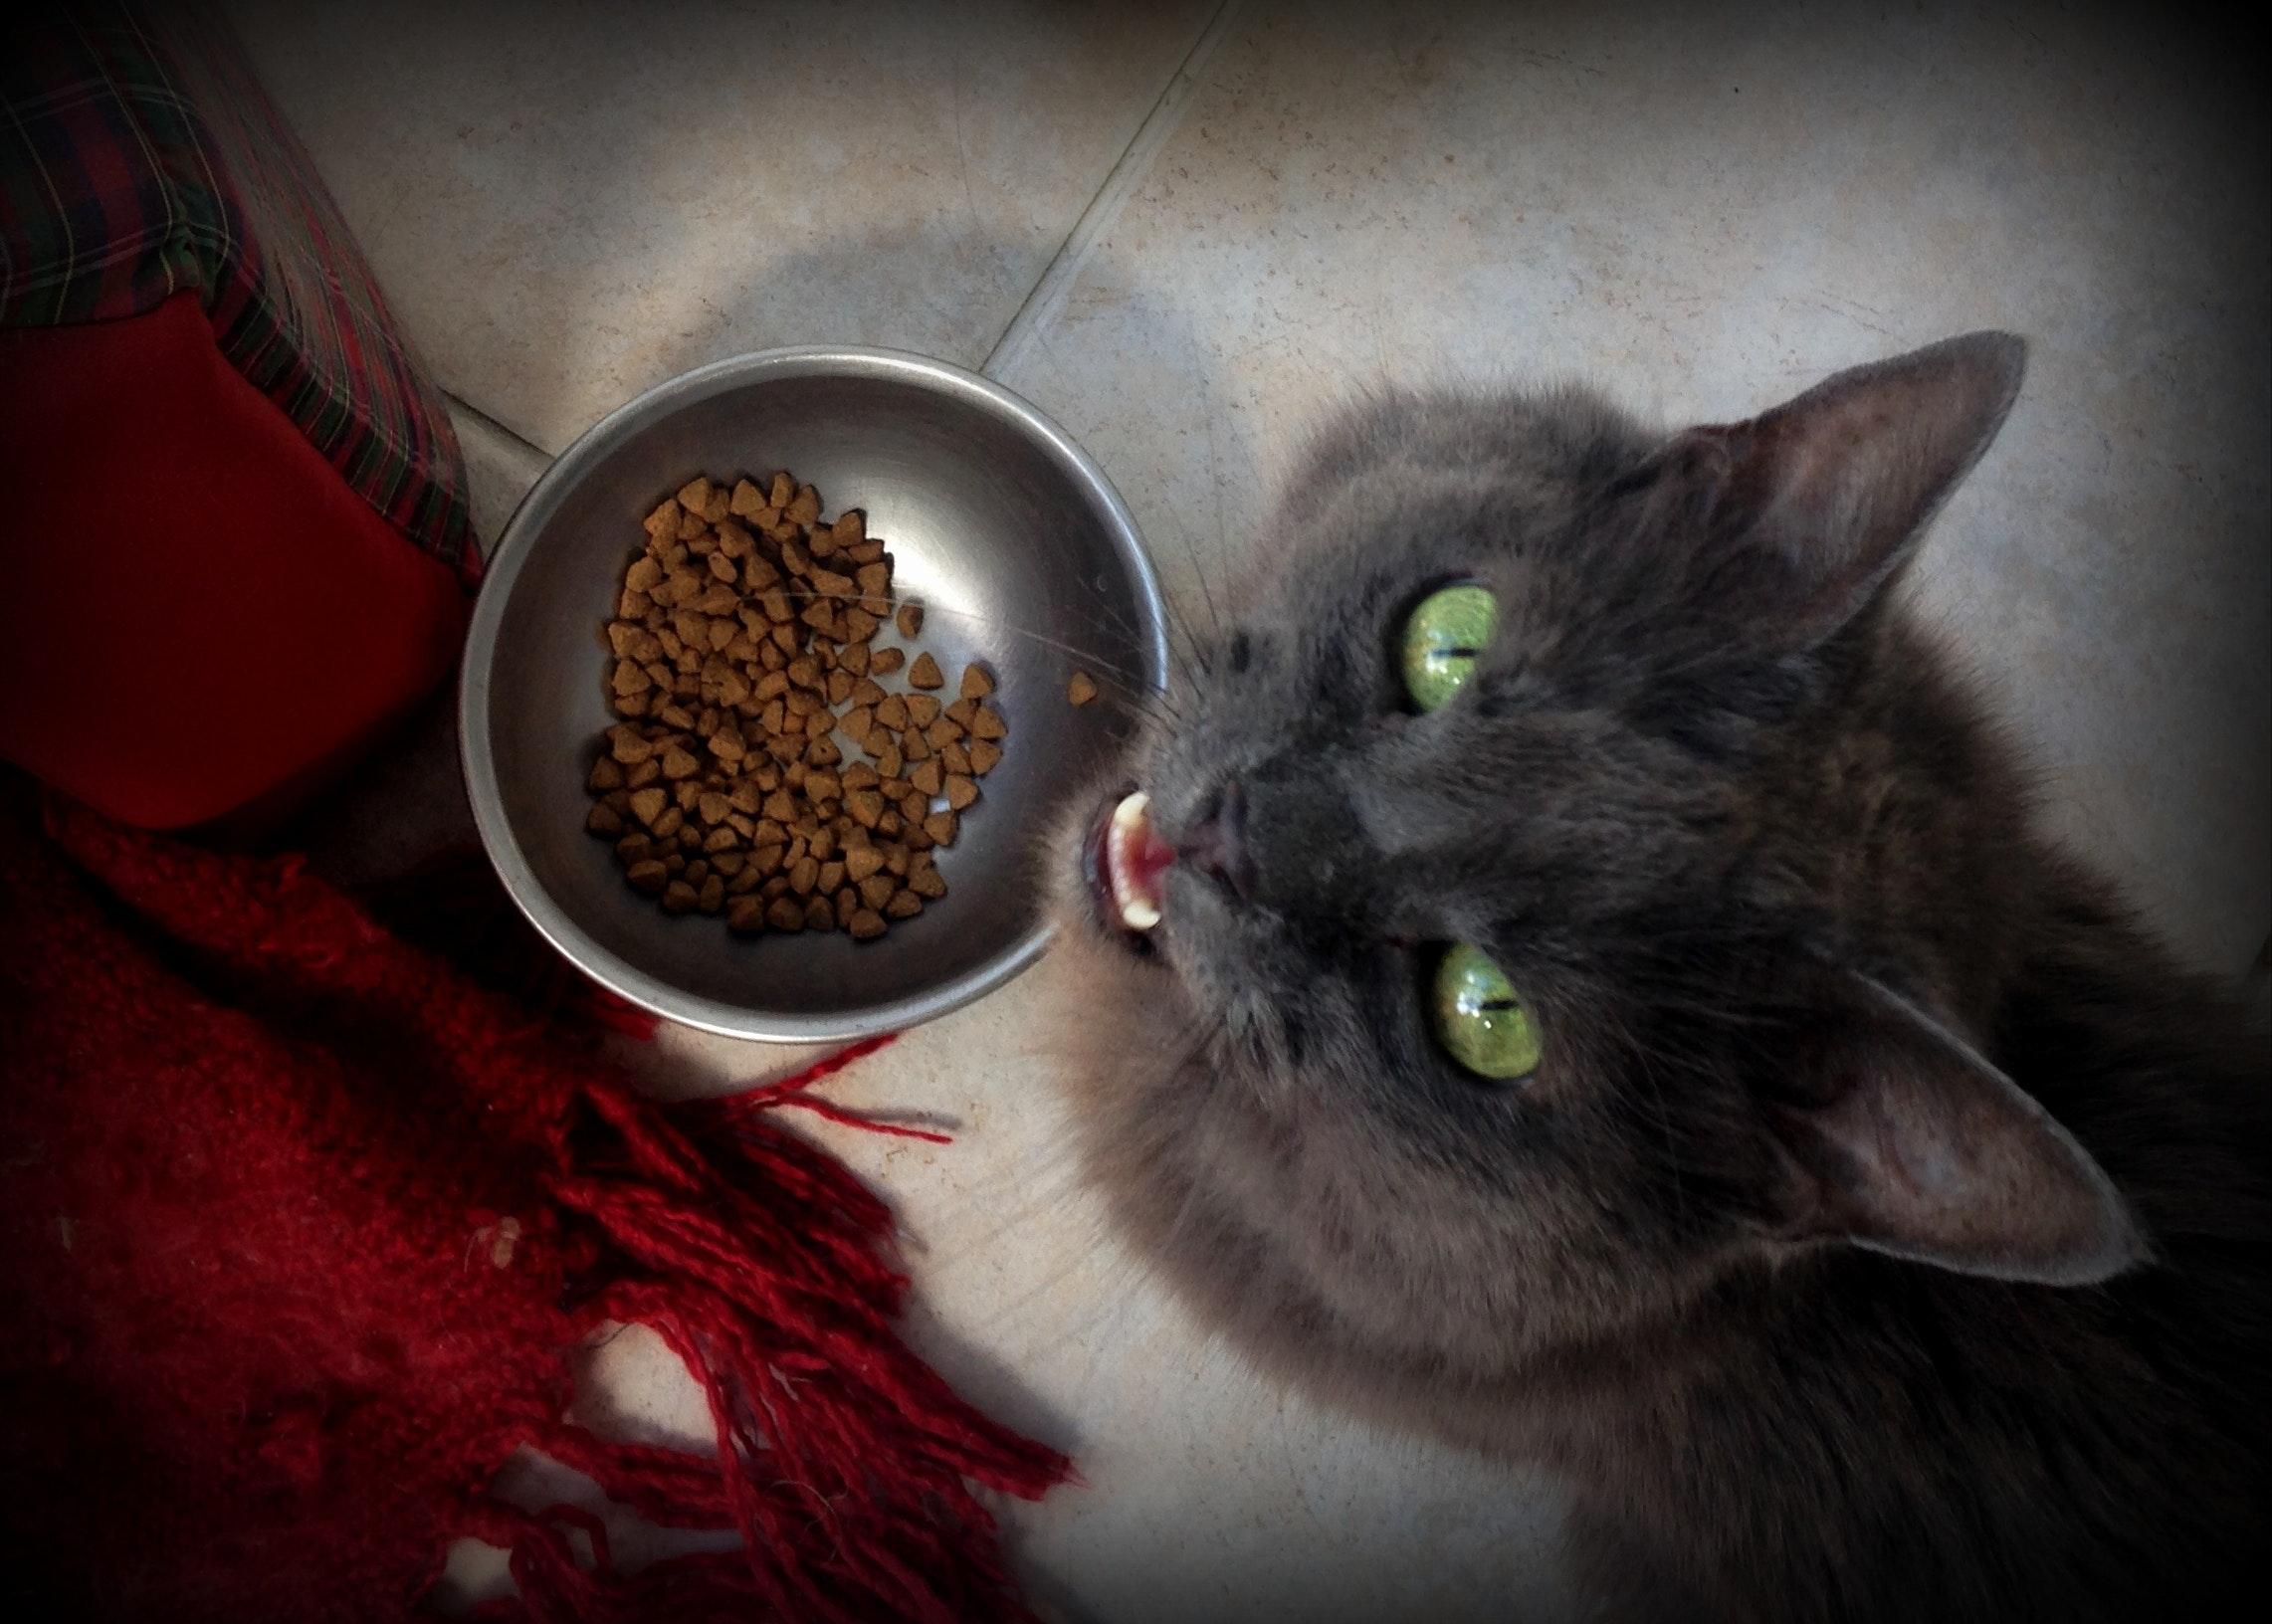 Darmowe zdjęcie z kategorii futro, jedzenie, kot.